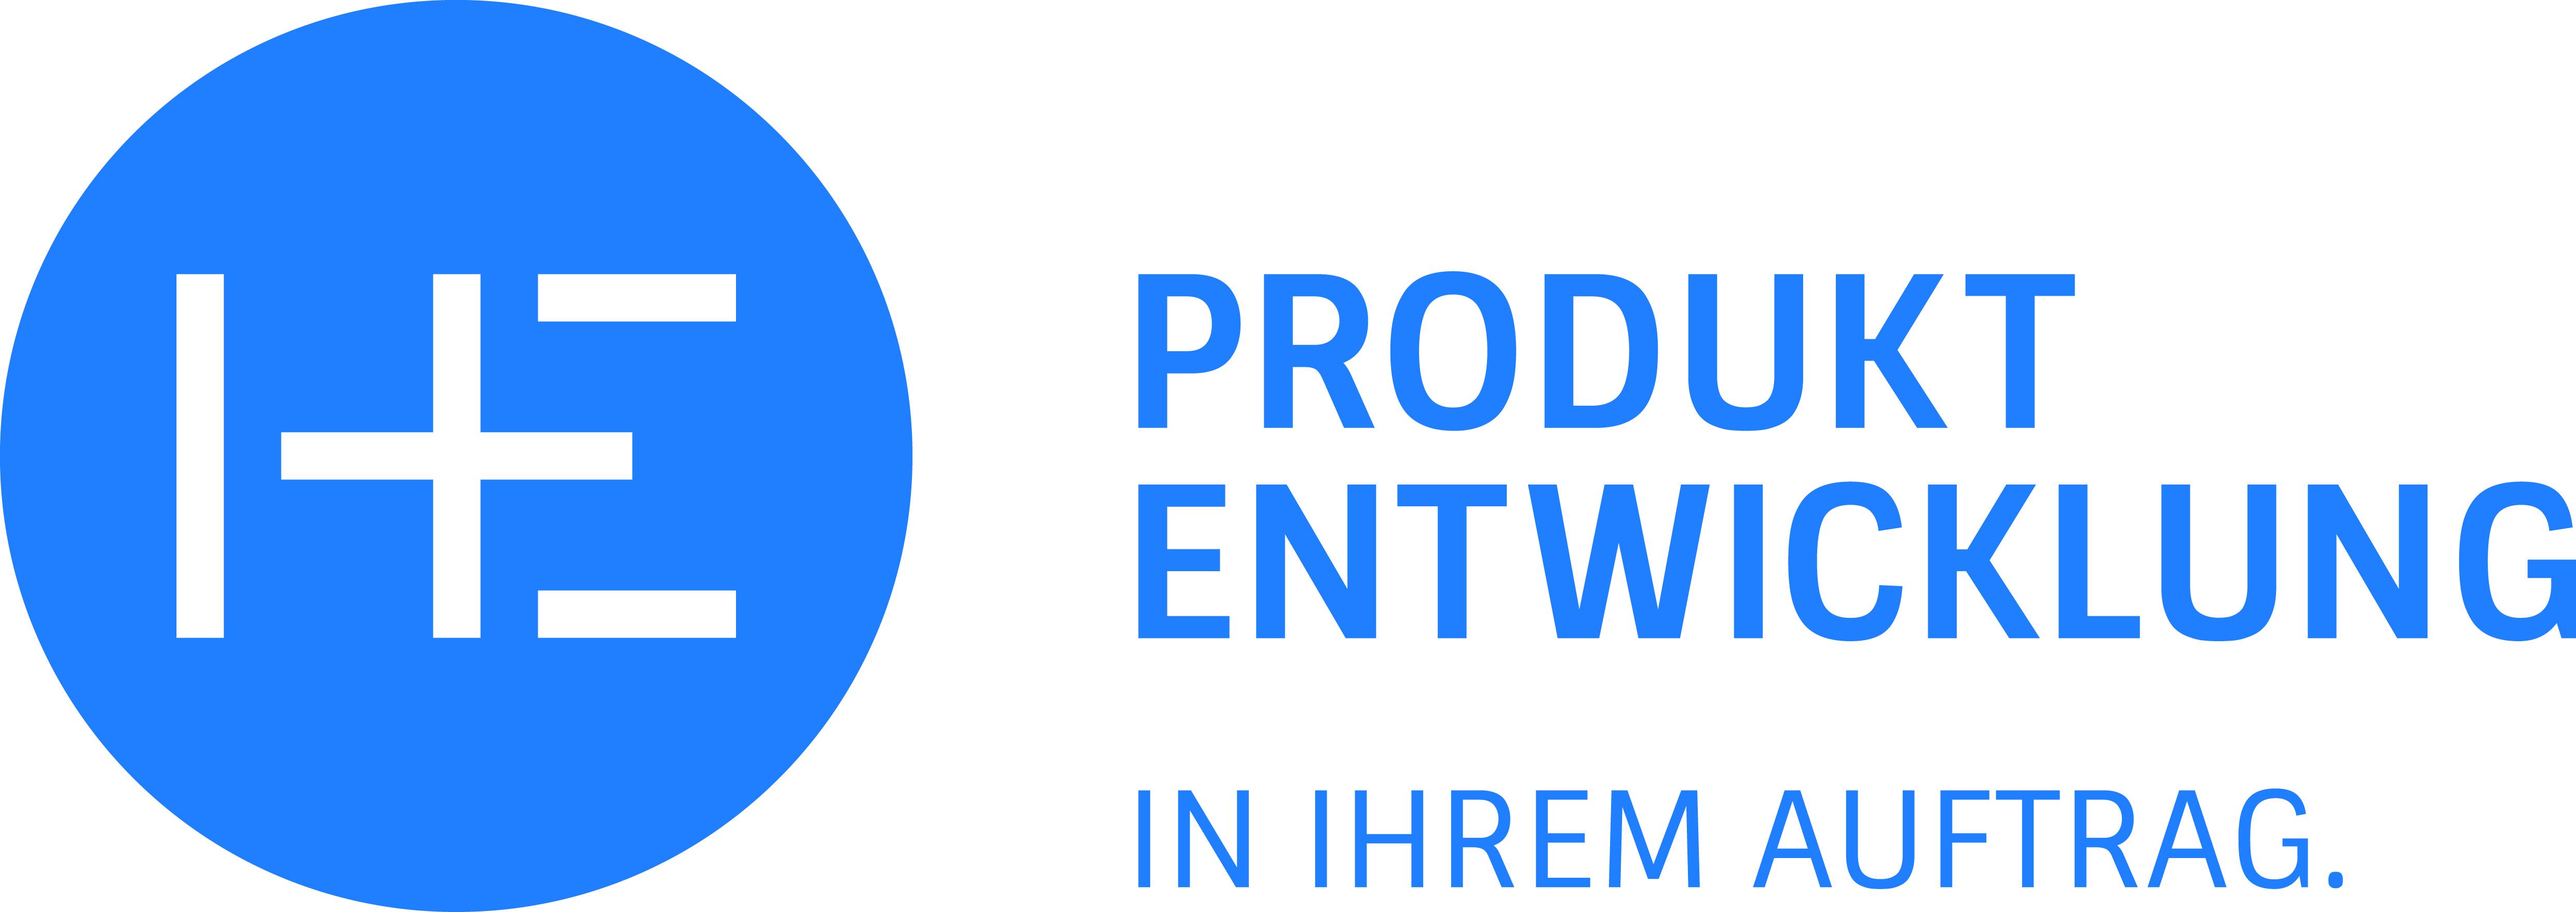 Edelschmied / H+E Produktentwicklung